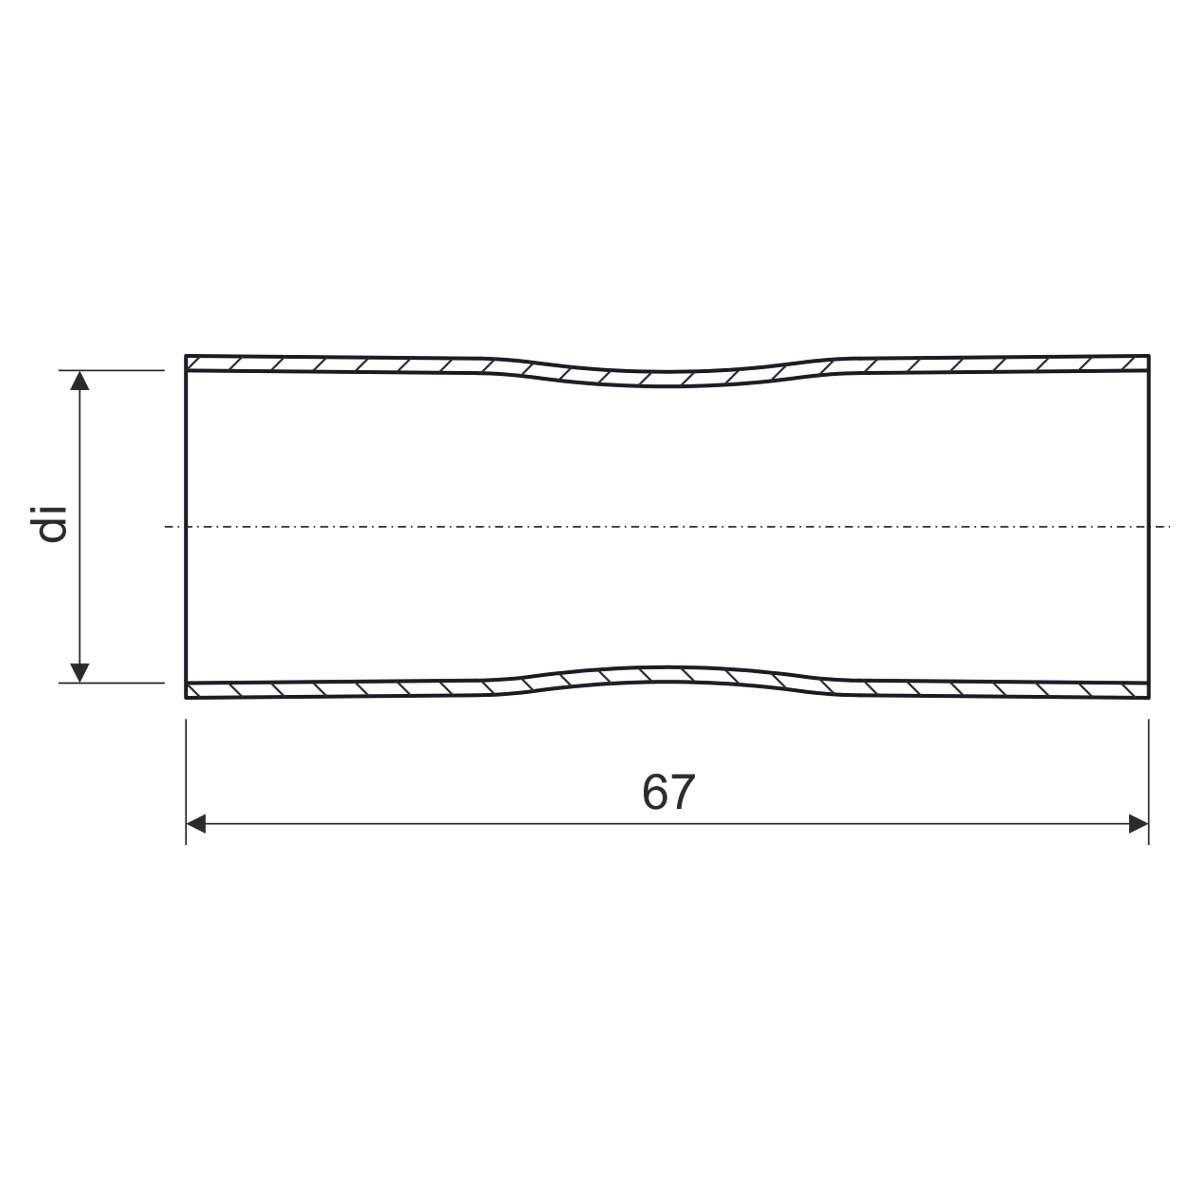 313/2_XX Муфта безрізьбова для металевих труб (CSN)